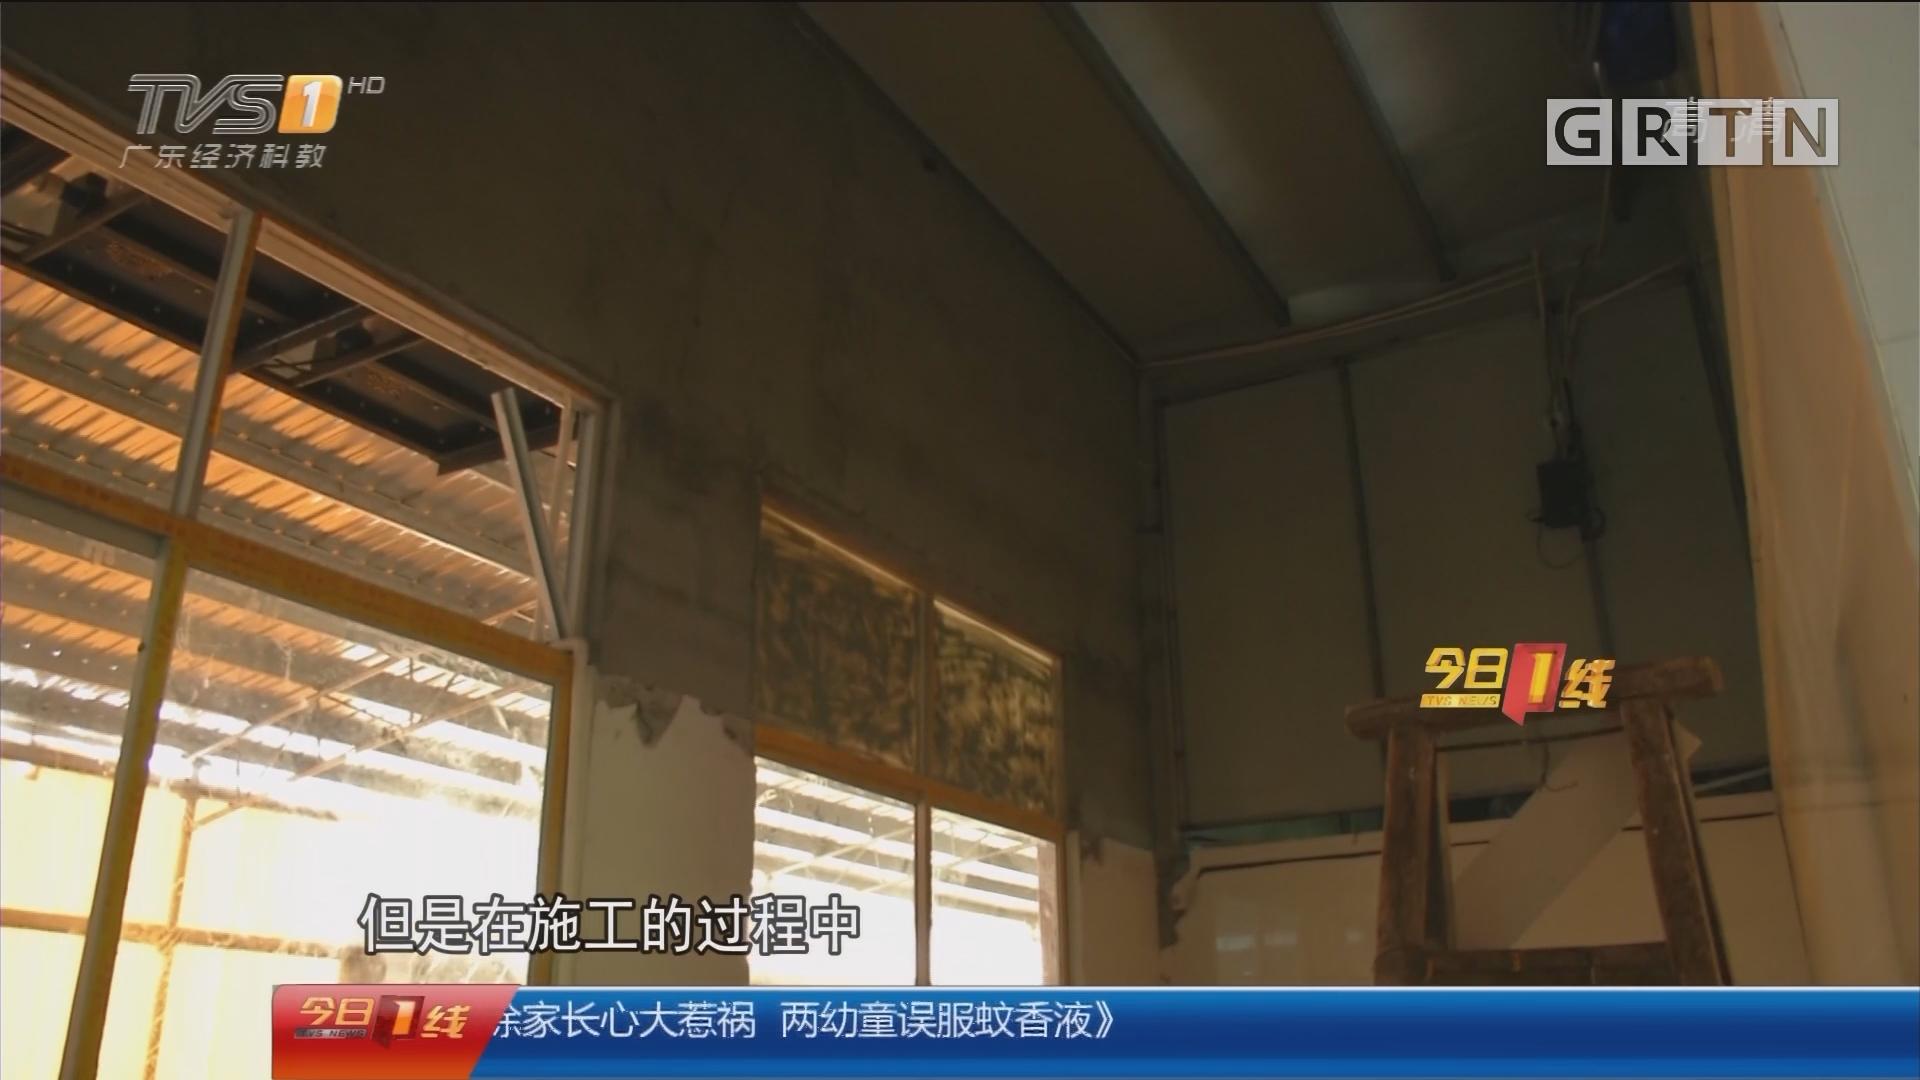 佛山禅城区:网红饭馆厕所突坍塌 无人伤亡